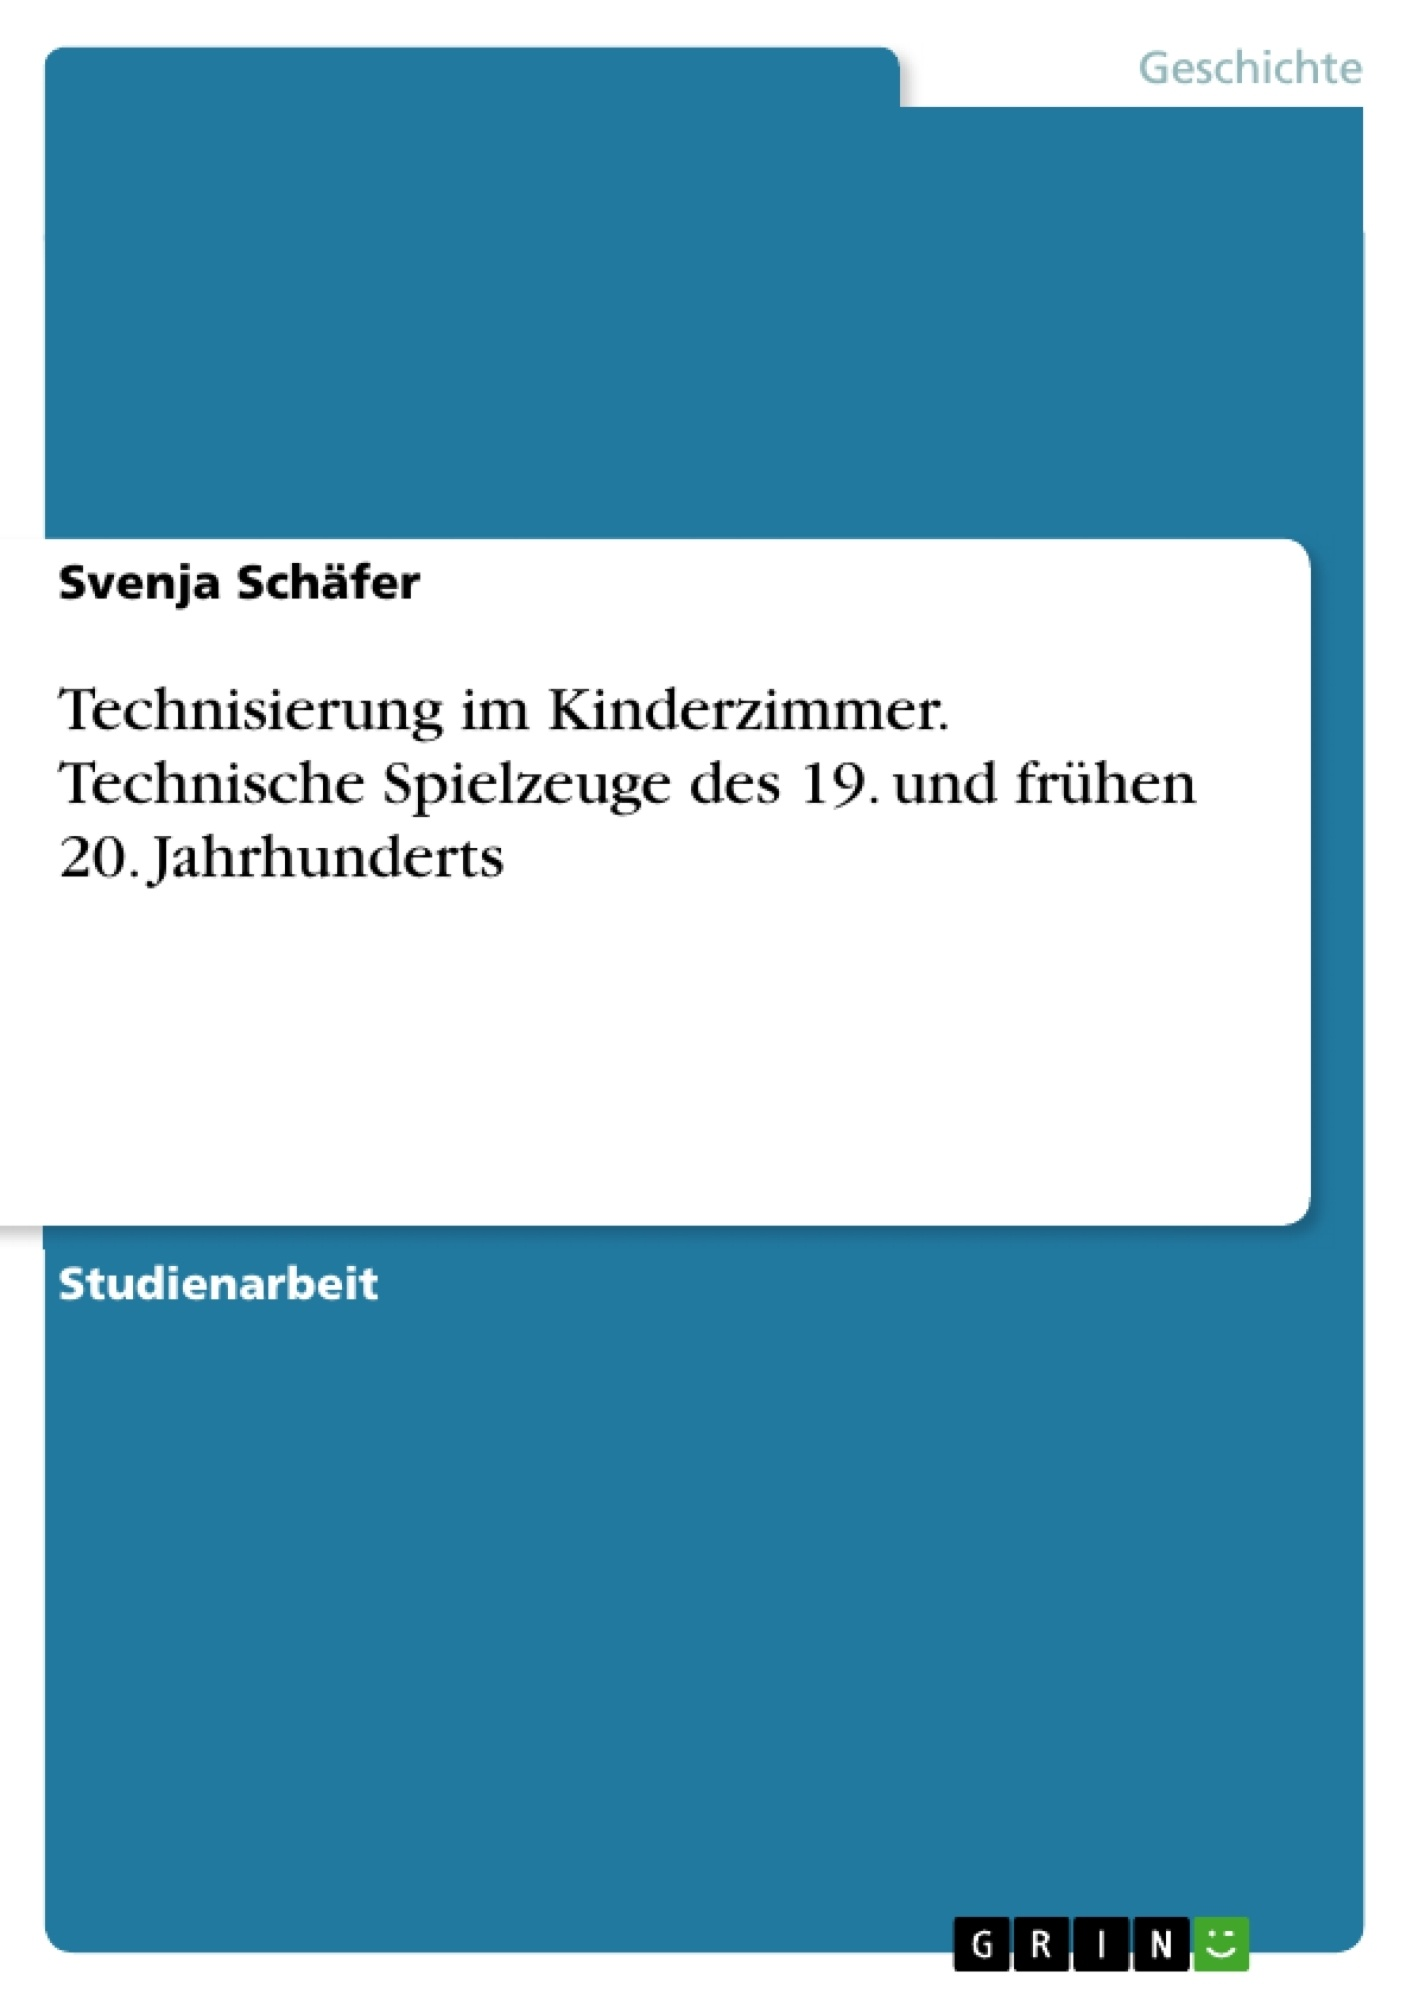 Titel: Technisierung im  Kinderzimmer. Technische Spielzeuge des 19. und frühen 20. Jahrhunderts